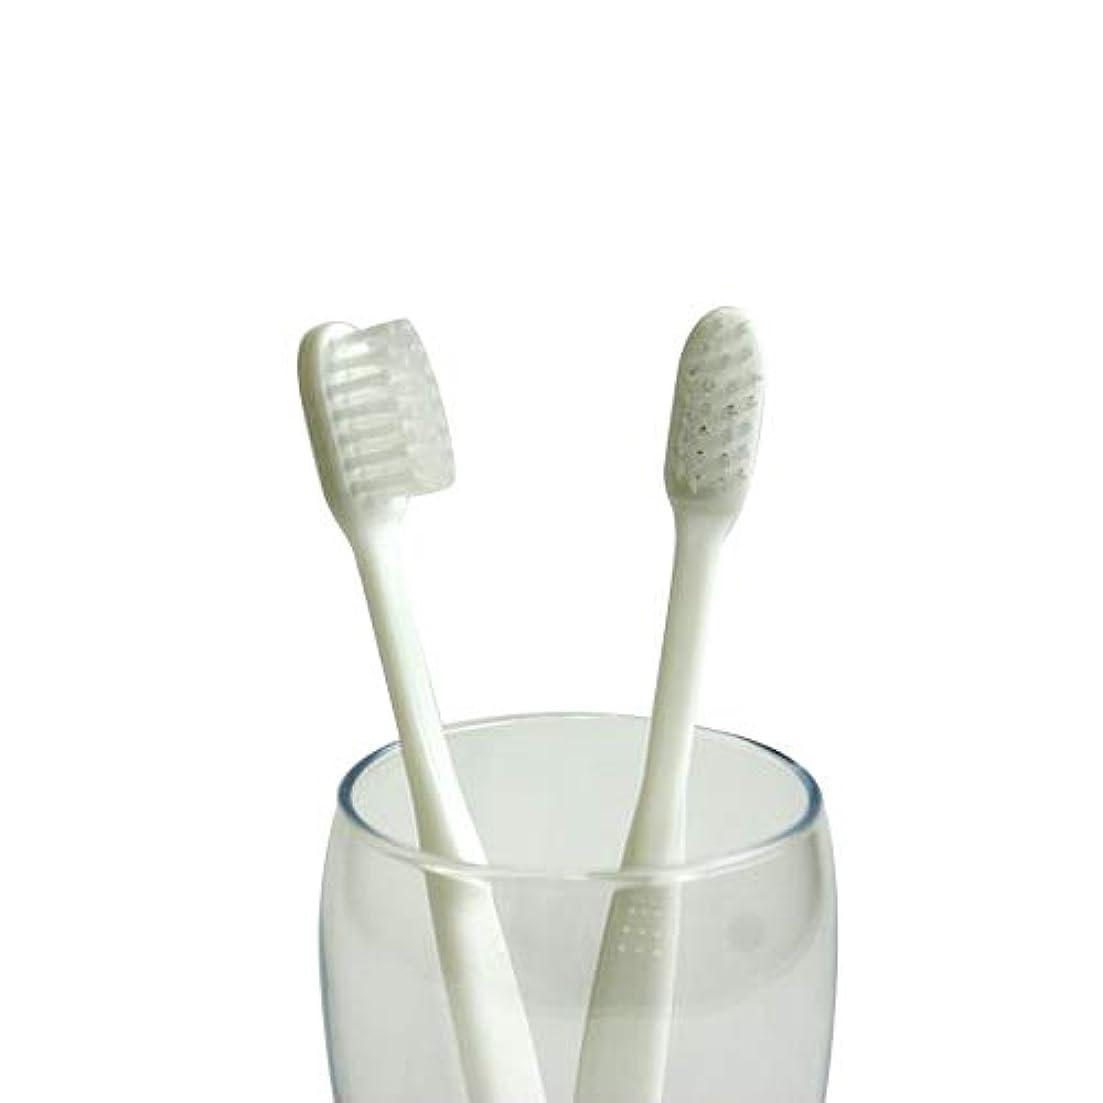 グラムスーツスコットランド人業務用使い捨て歯ブラシ(ハミガキ粉無し) 500本入り│口腔衛生用 清掃用 掃除用 工業用 ハブラシ はぶらし